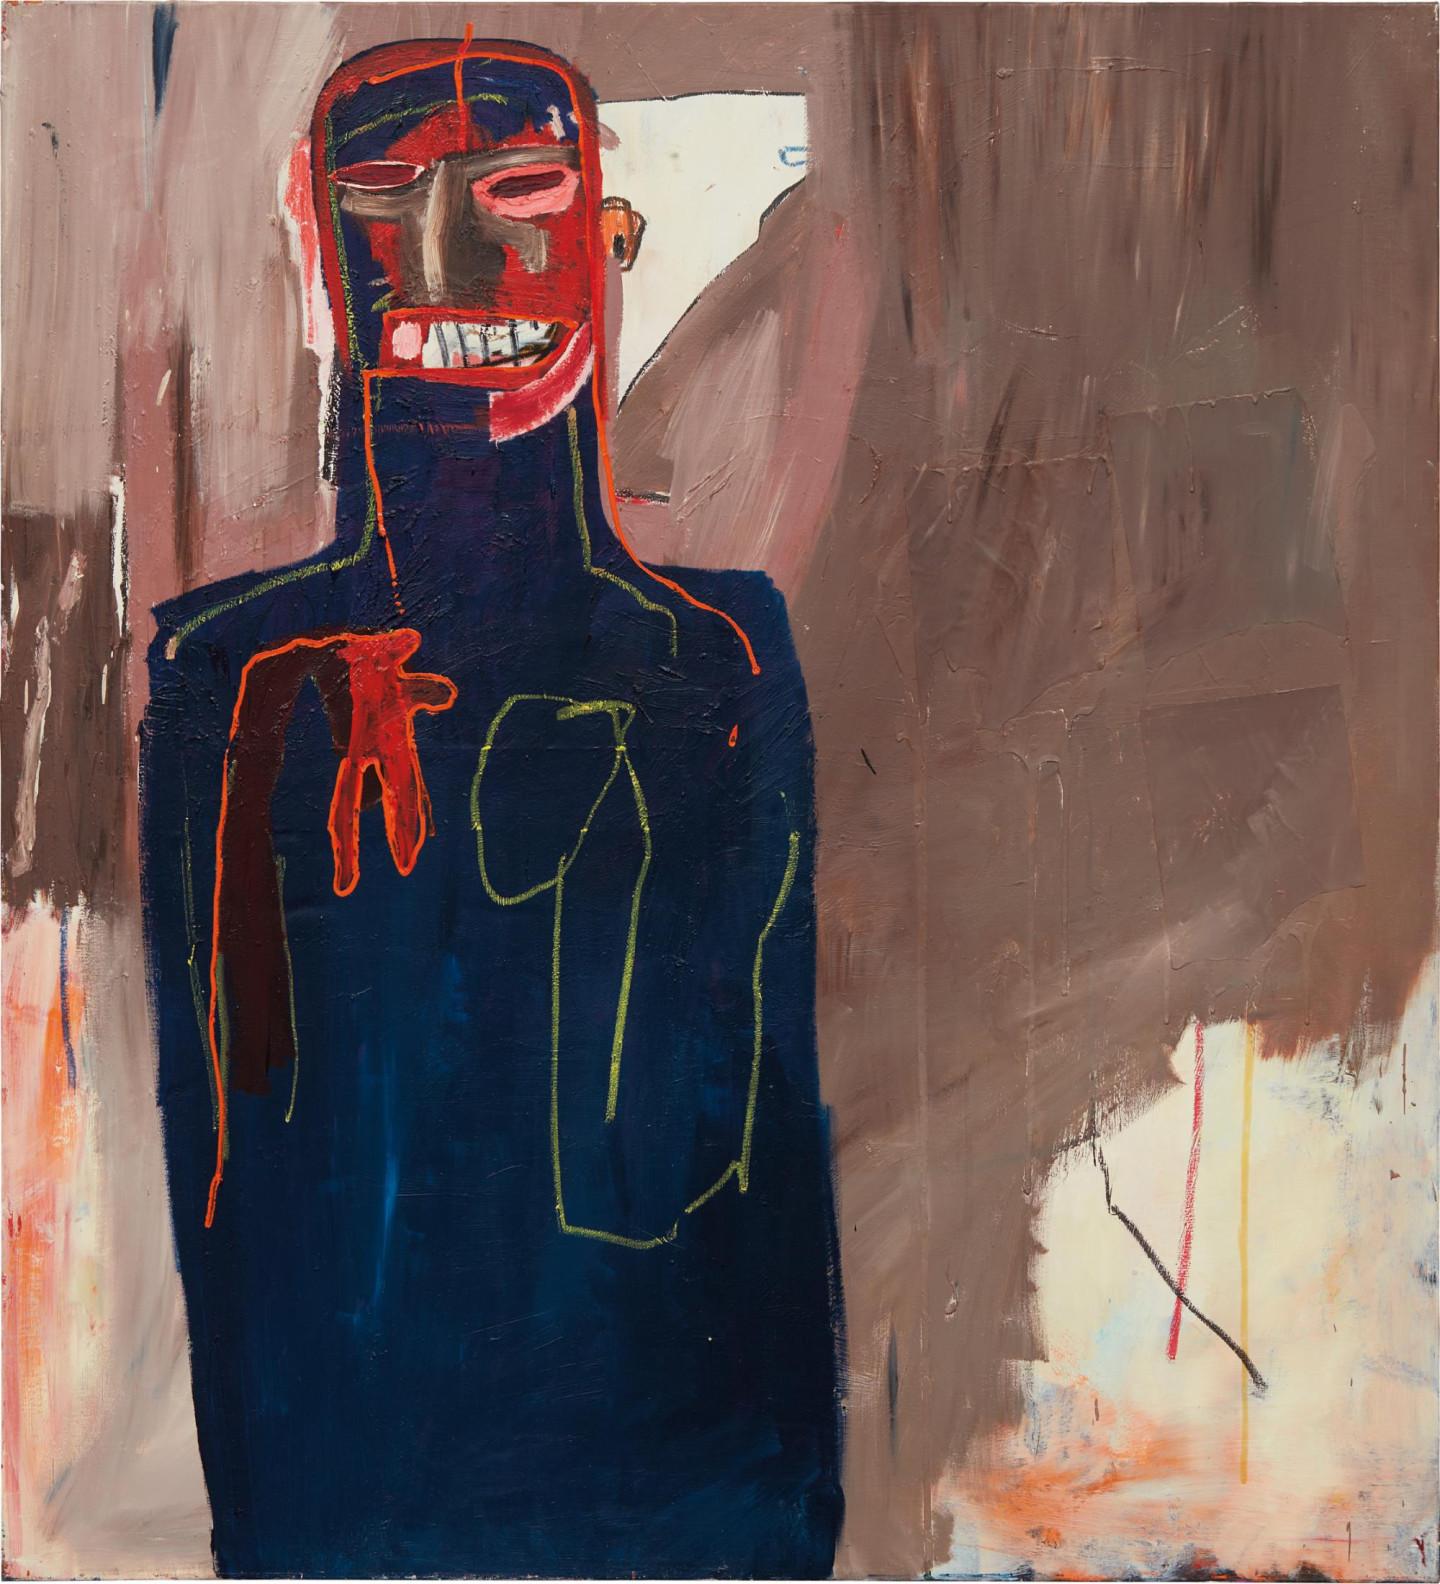 """Жан Мишель Баския. Untitled, 1984. Эстимейт $2 000 000 – 3 000 000. Phillips, Вечерний аукцион """"Современное искусство и искусство ХХ века"""". 18 мая 2017, Нью-Йорк"""